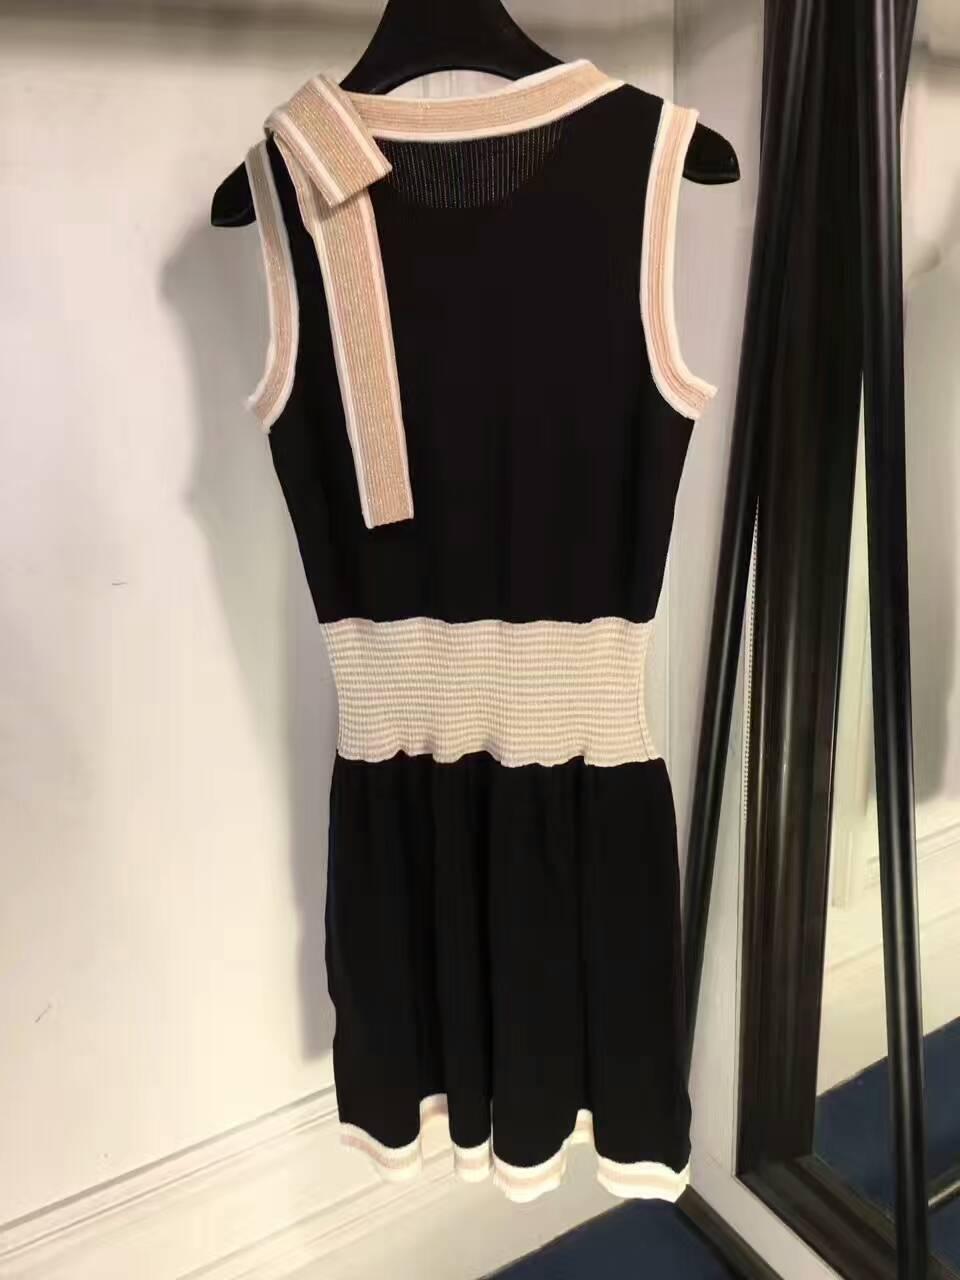 Bureau 2017 Mignon Boho Couleur Robes Skinner Femmes Robe Sexy Tricot Bandage Pour Tempérament Vintage Élégant Lutte qxa46zwqr